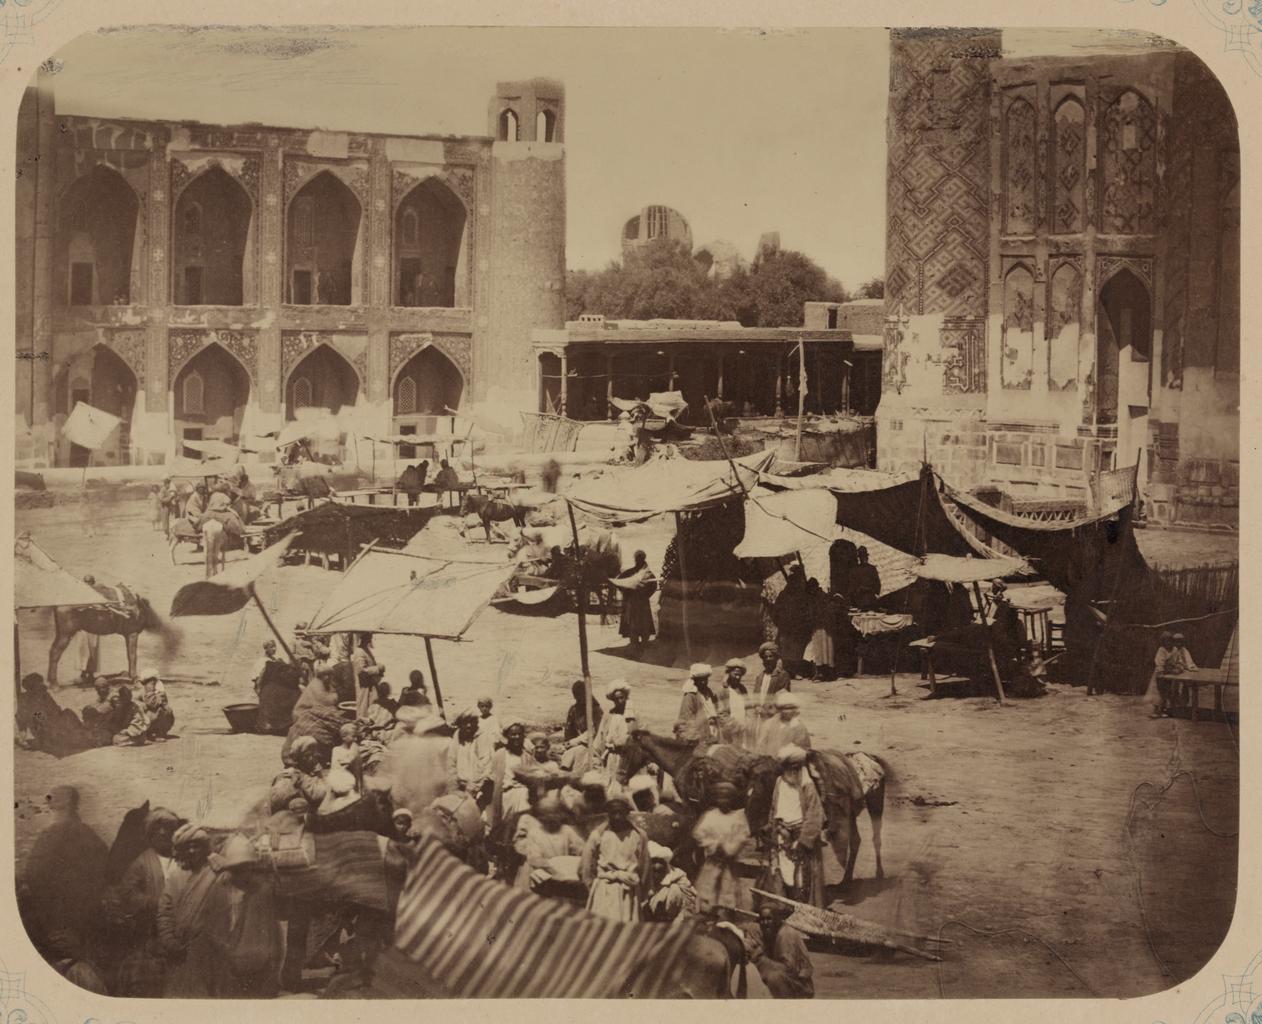 Самаркандский базар и типы торговцев. Базарная площадь между трех медресе (Реджистан)